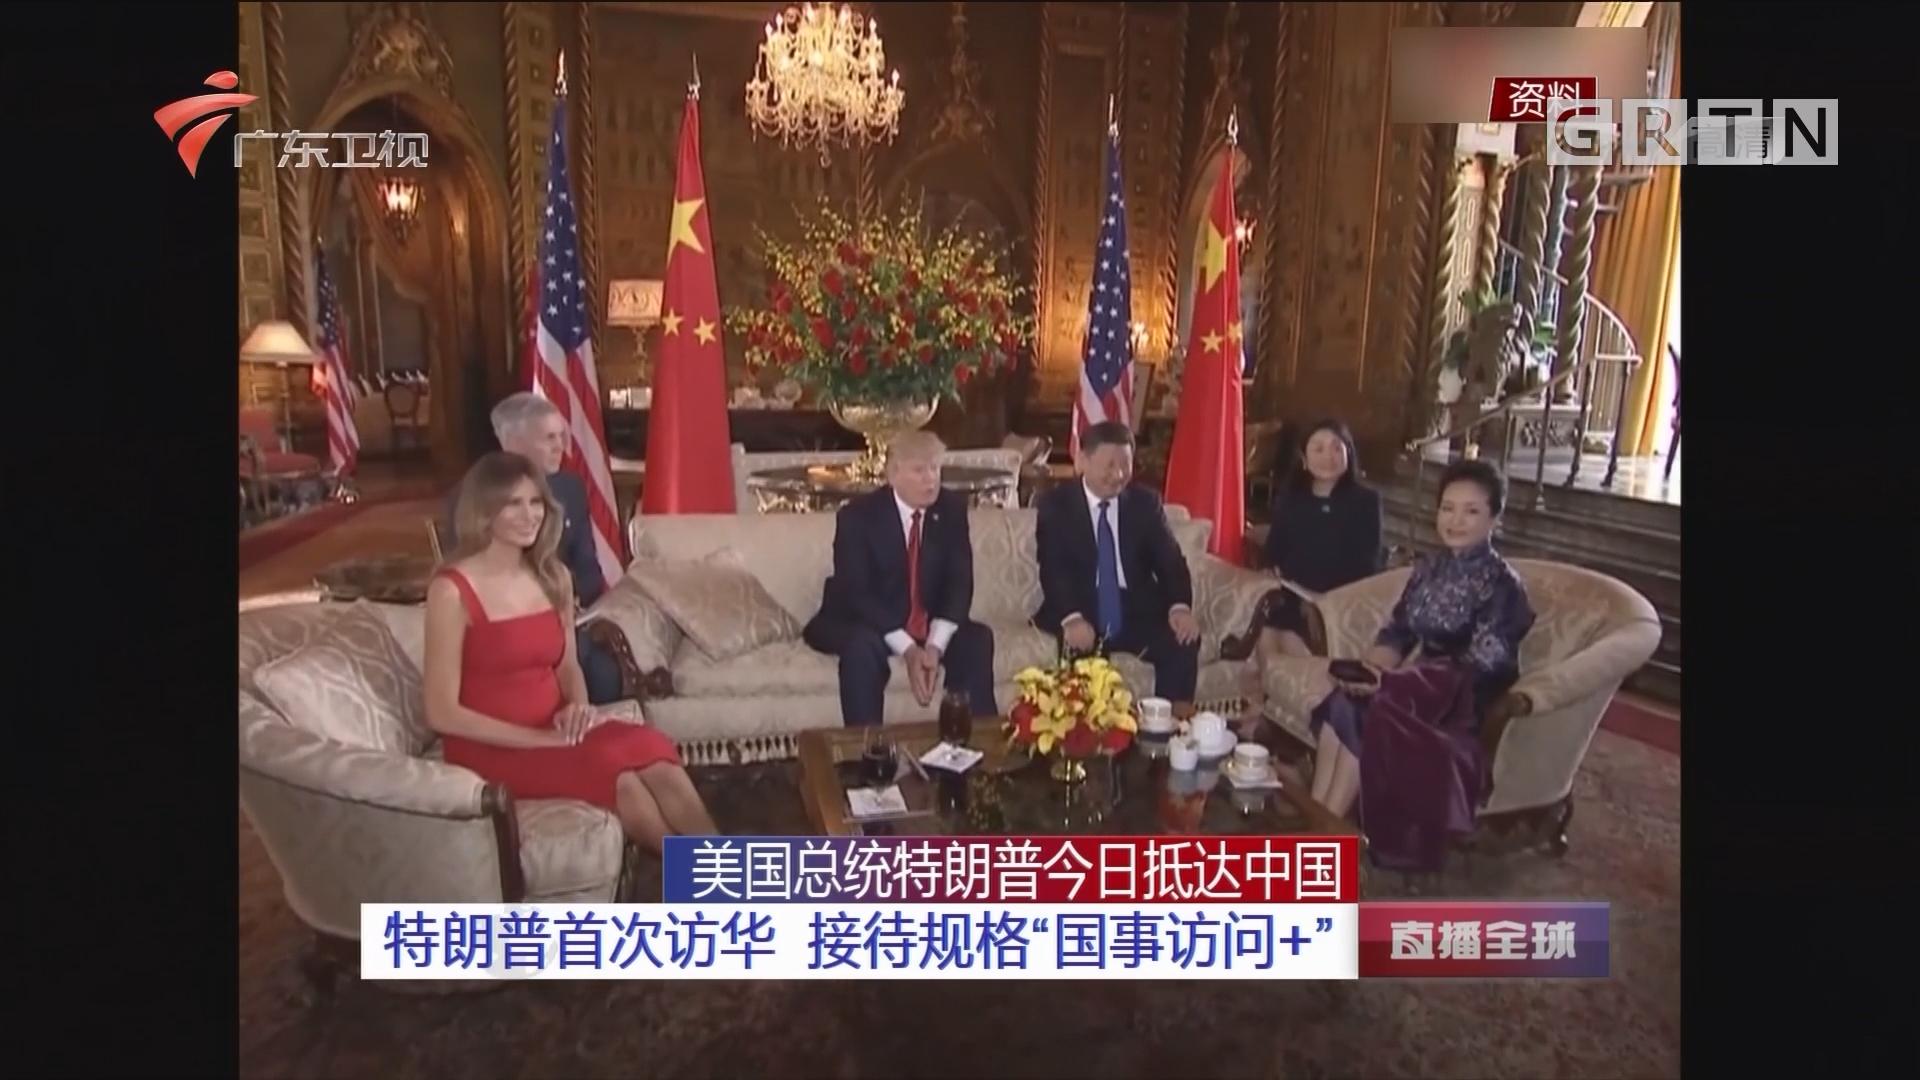 """美国总统特朗普今日抵达中国 特朗普首次访华 接待规格""""国事访问+"""""""